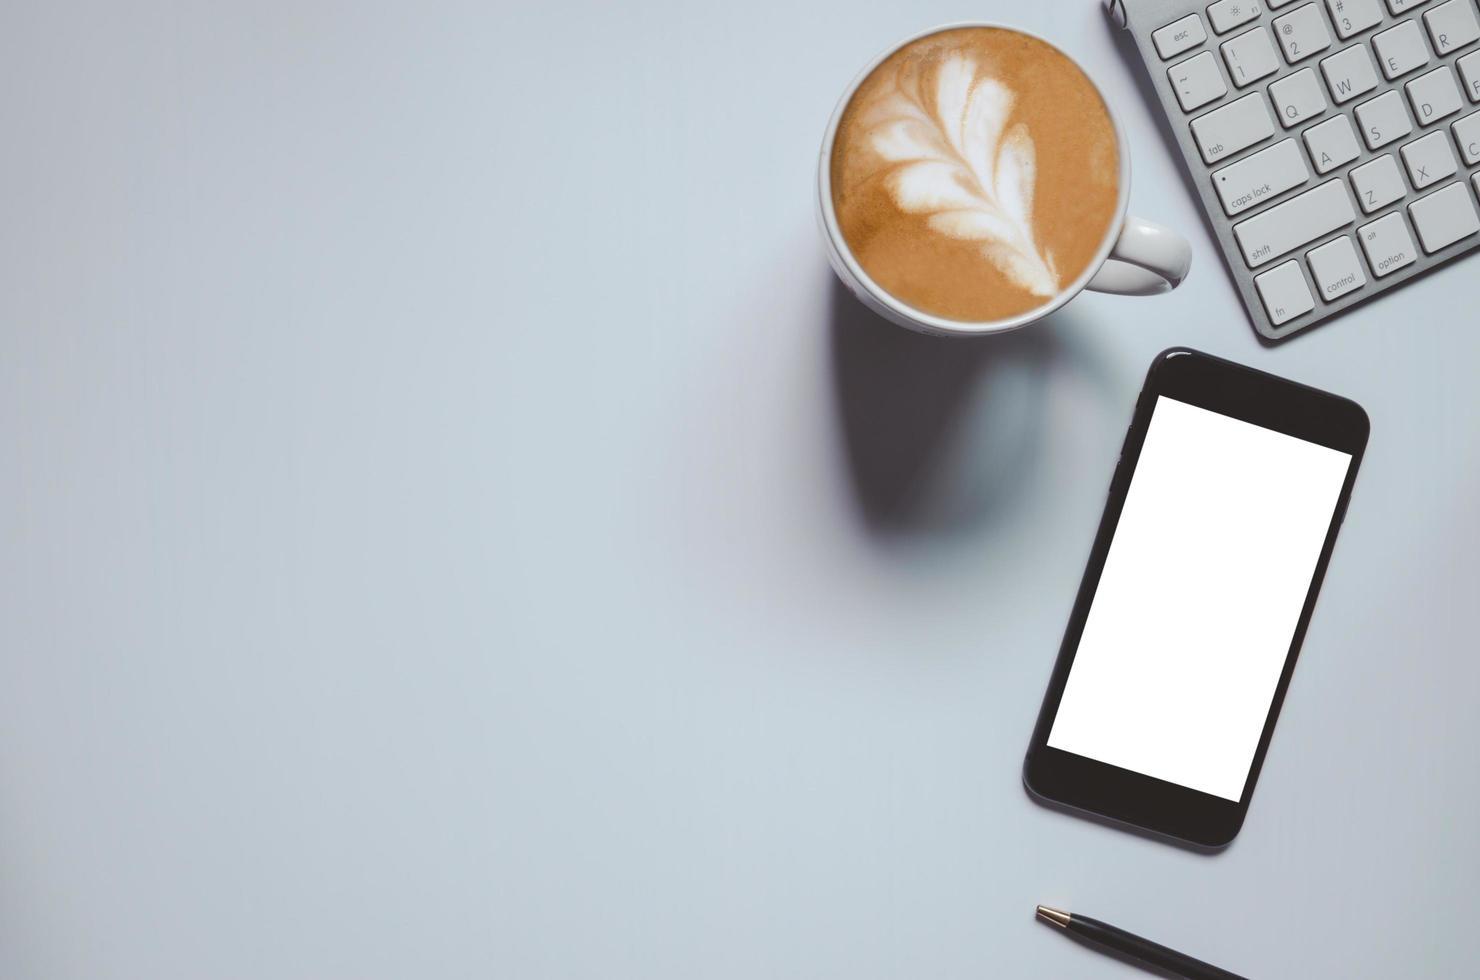 Draufsicht auf Modell Smartphone und Latte foto